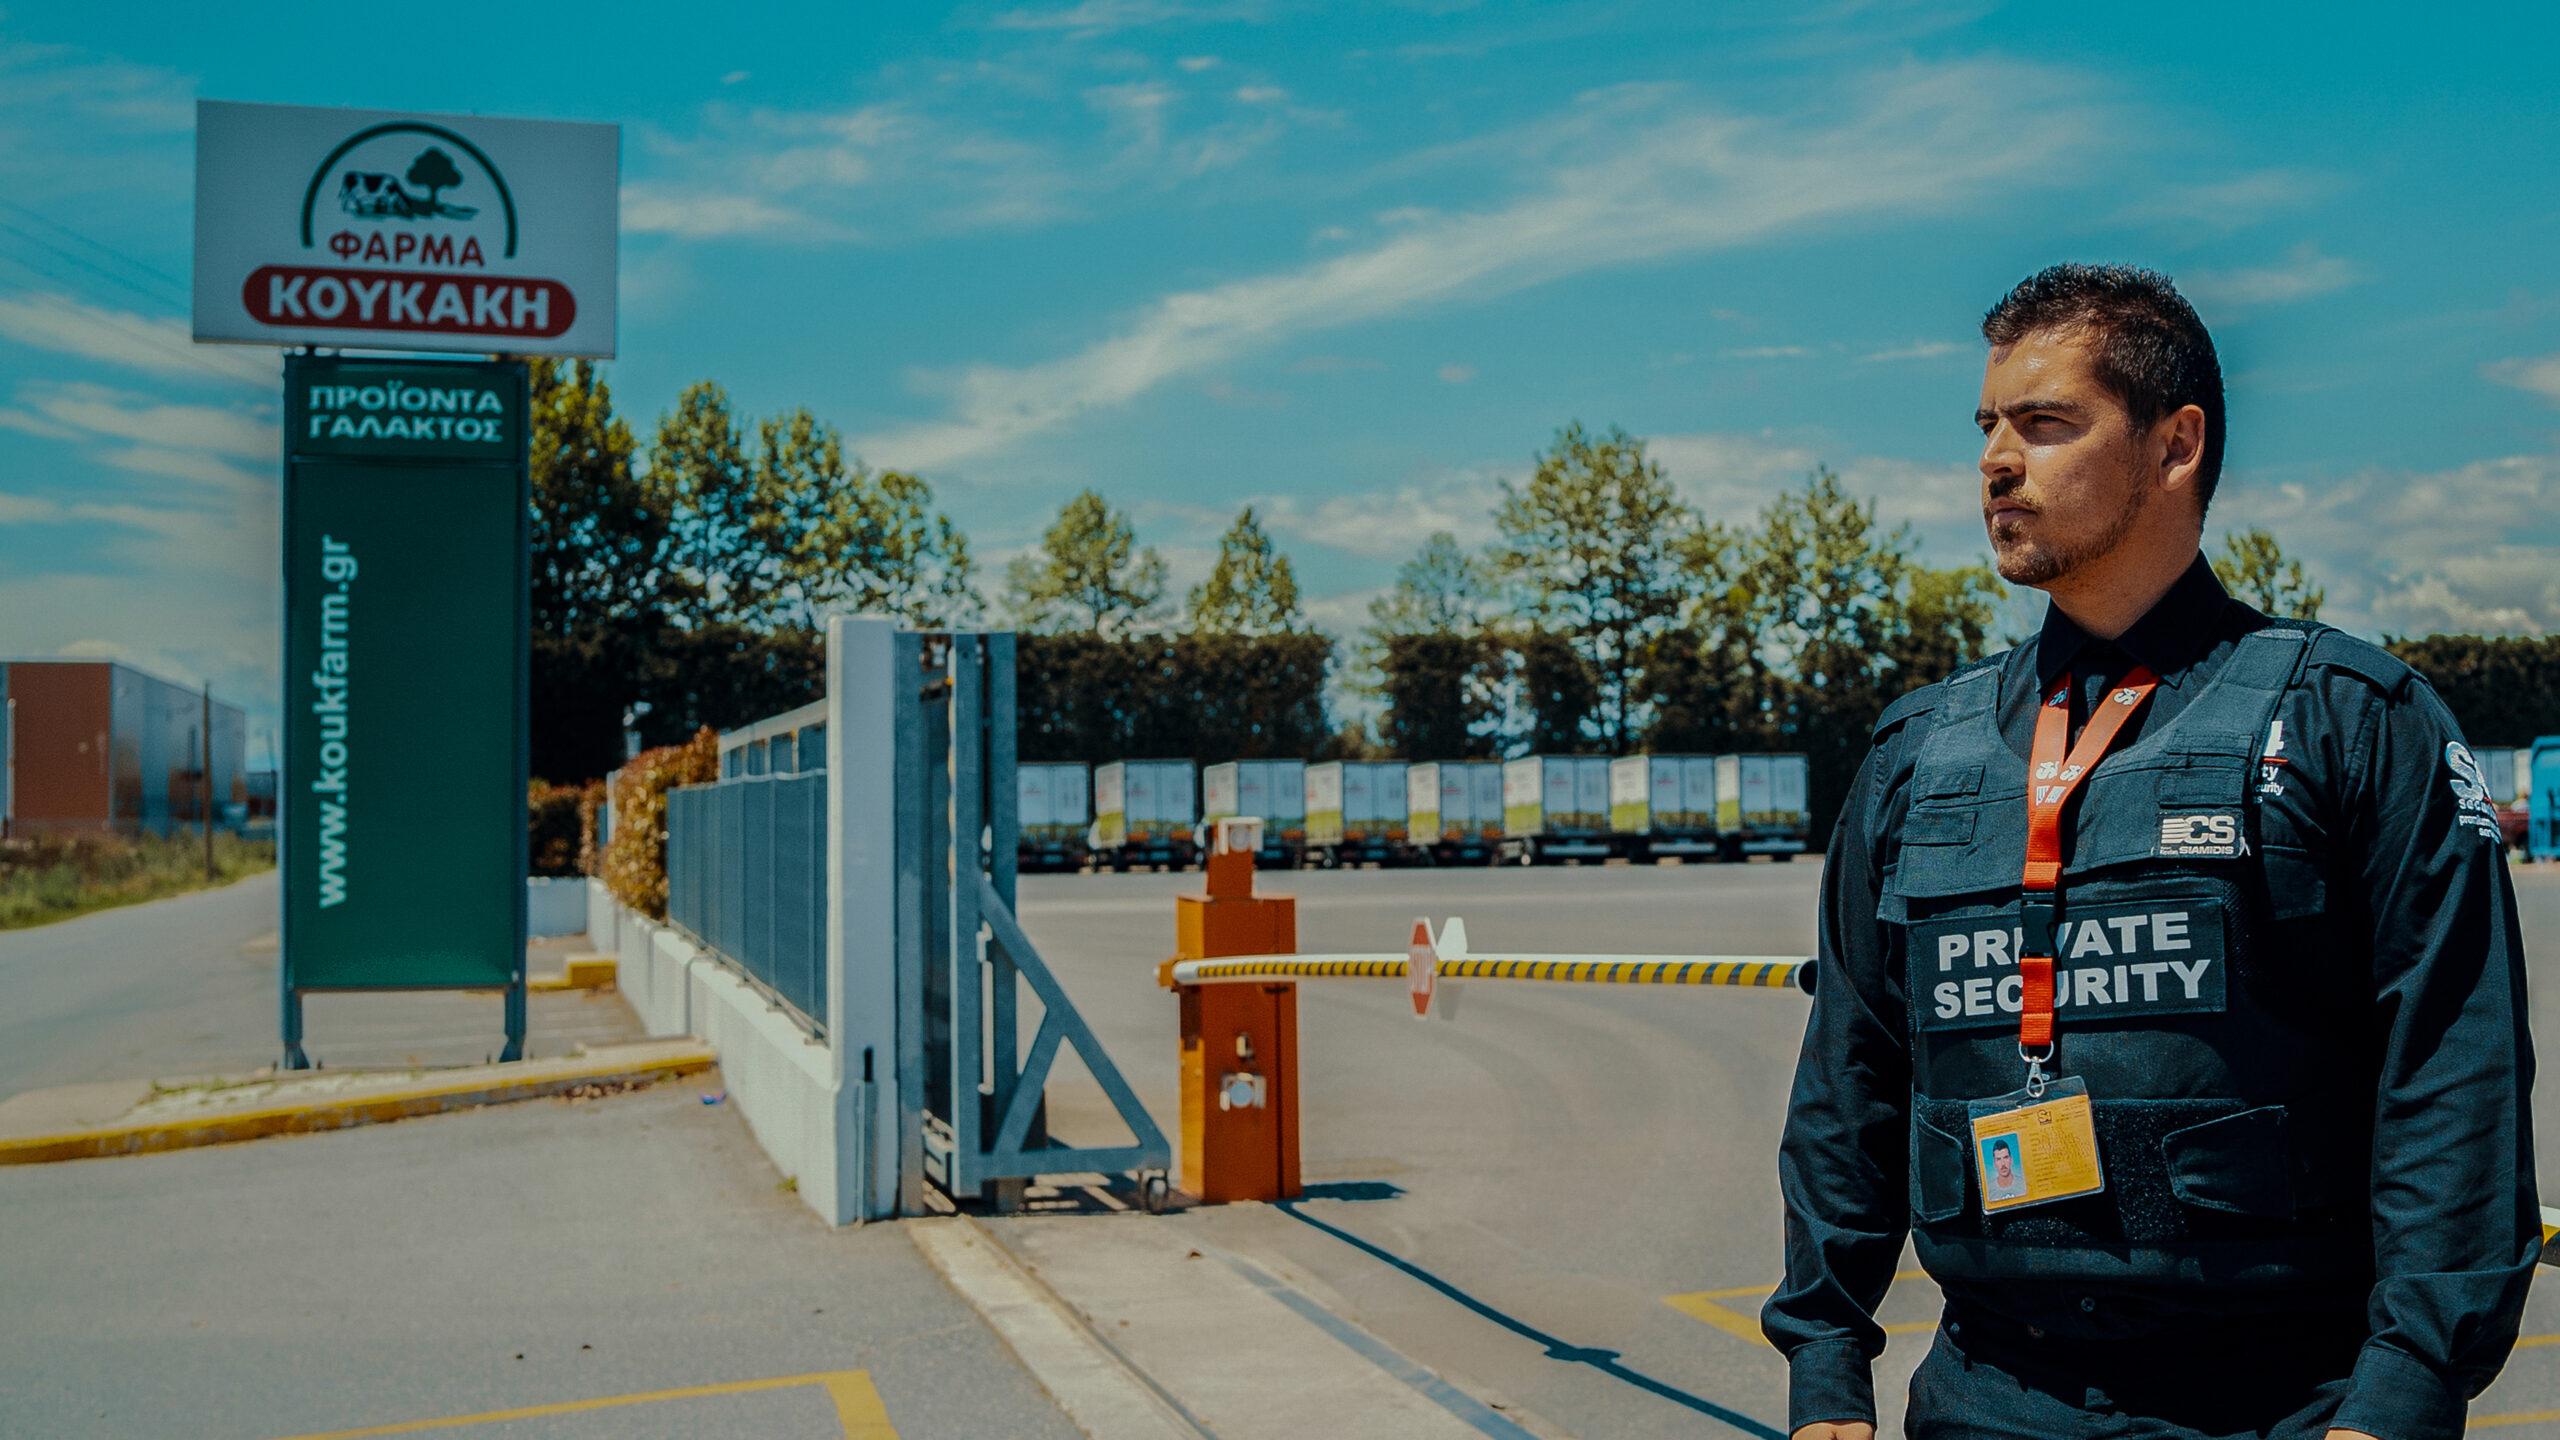 Υπηρεσίες Ασφαλείας & Φύλαξης